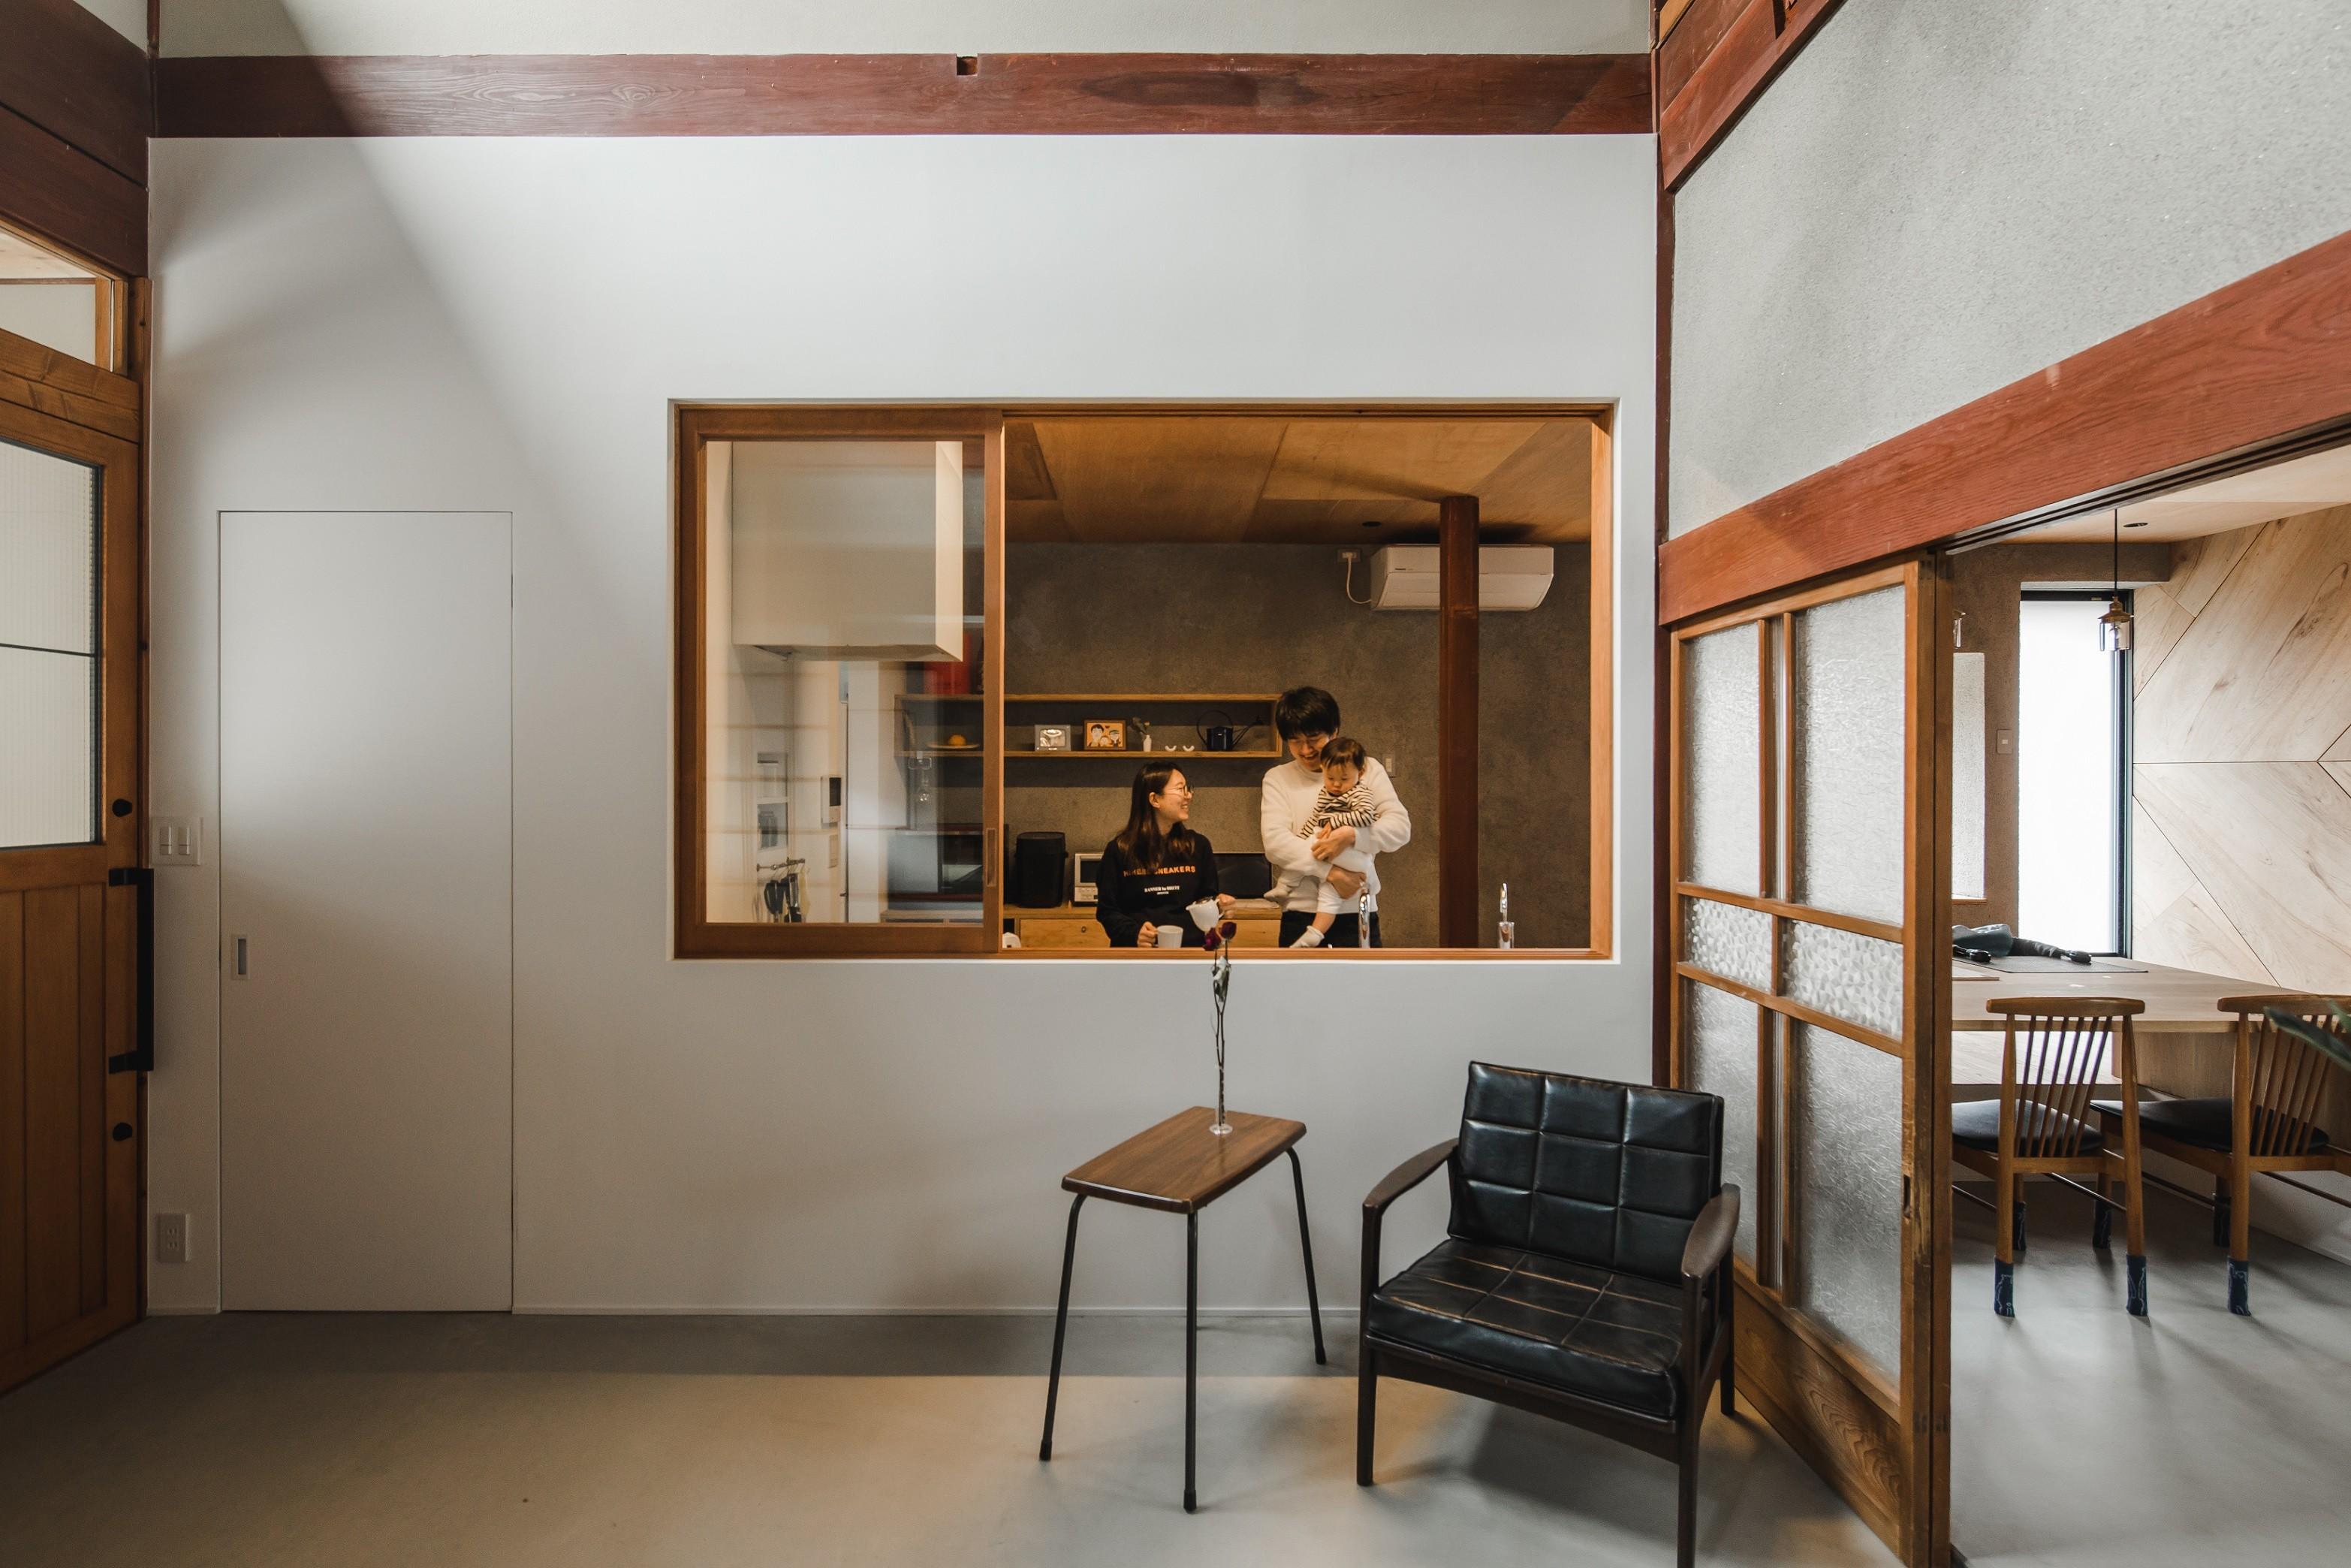 キッチン事例:キッチン(古民家カフェみたいな日本家屋リノベーション(下戸山の家リノベーション))